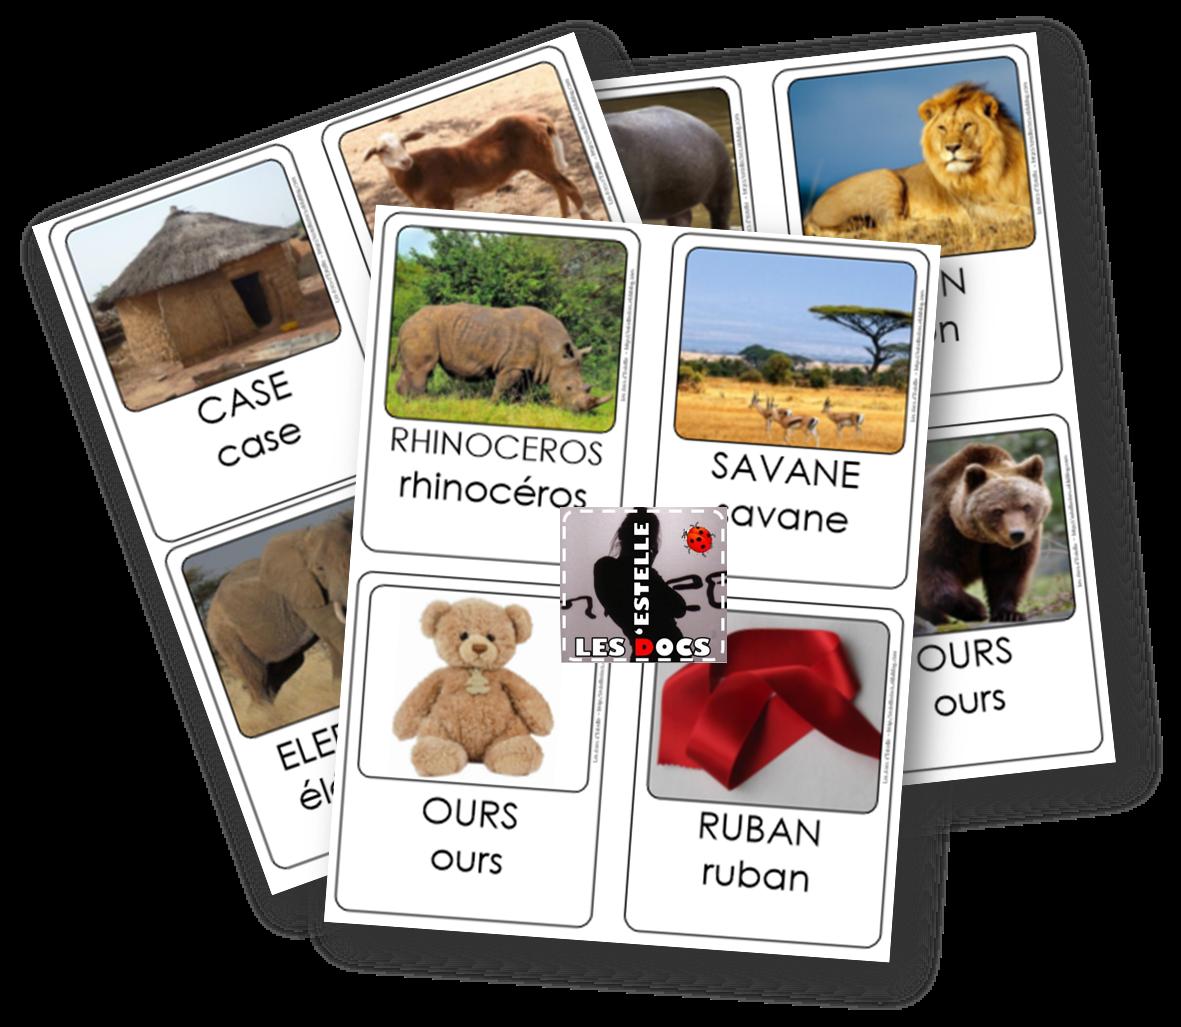 Y a-t-il des ours en Afrique ? Cartes de nomenclature - Les docs d'Estelle